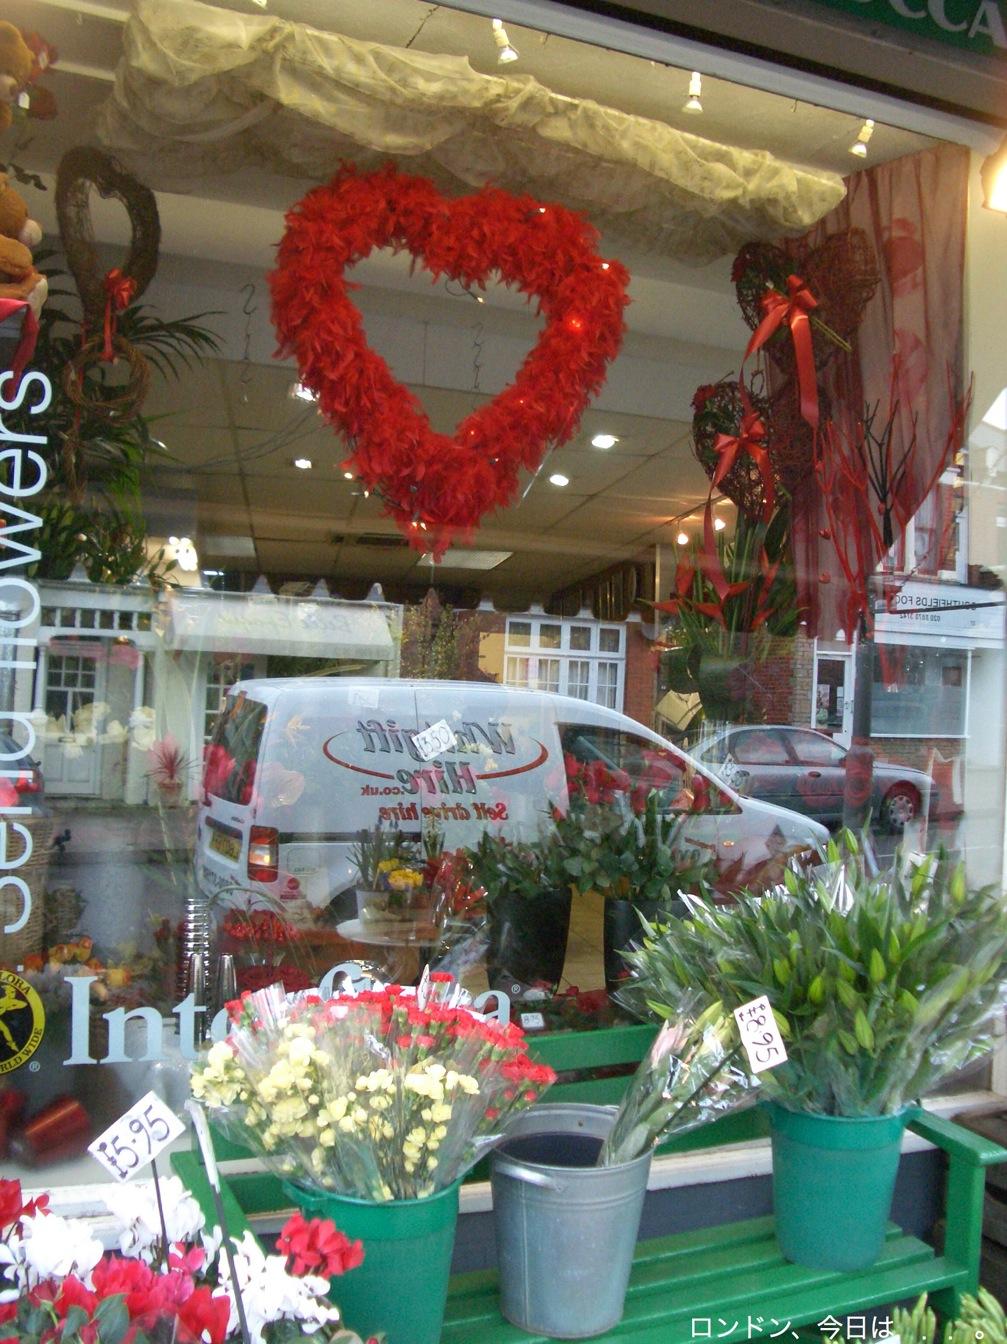 英国式バレンタインデー_a0137487_1921675.jpg